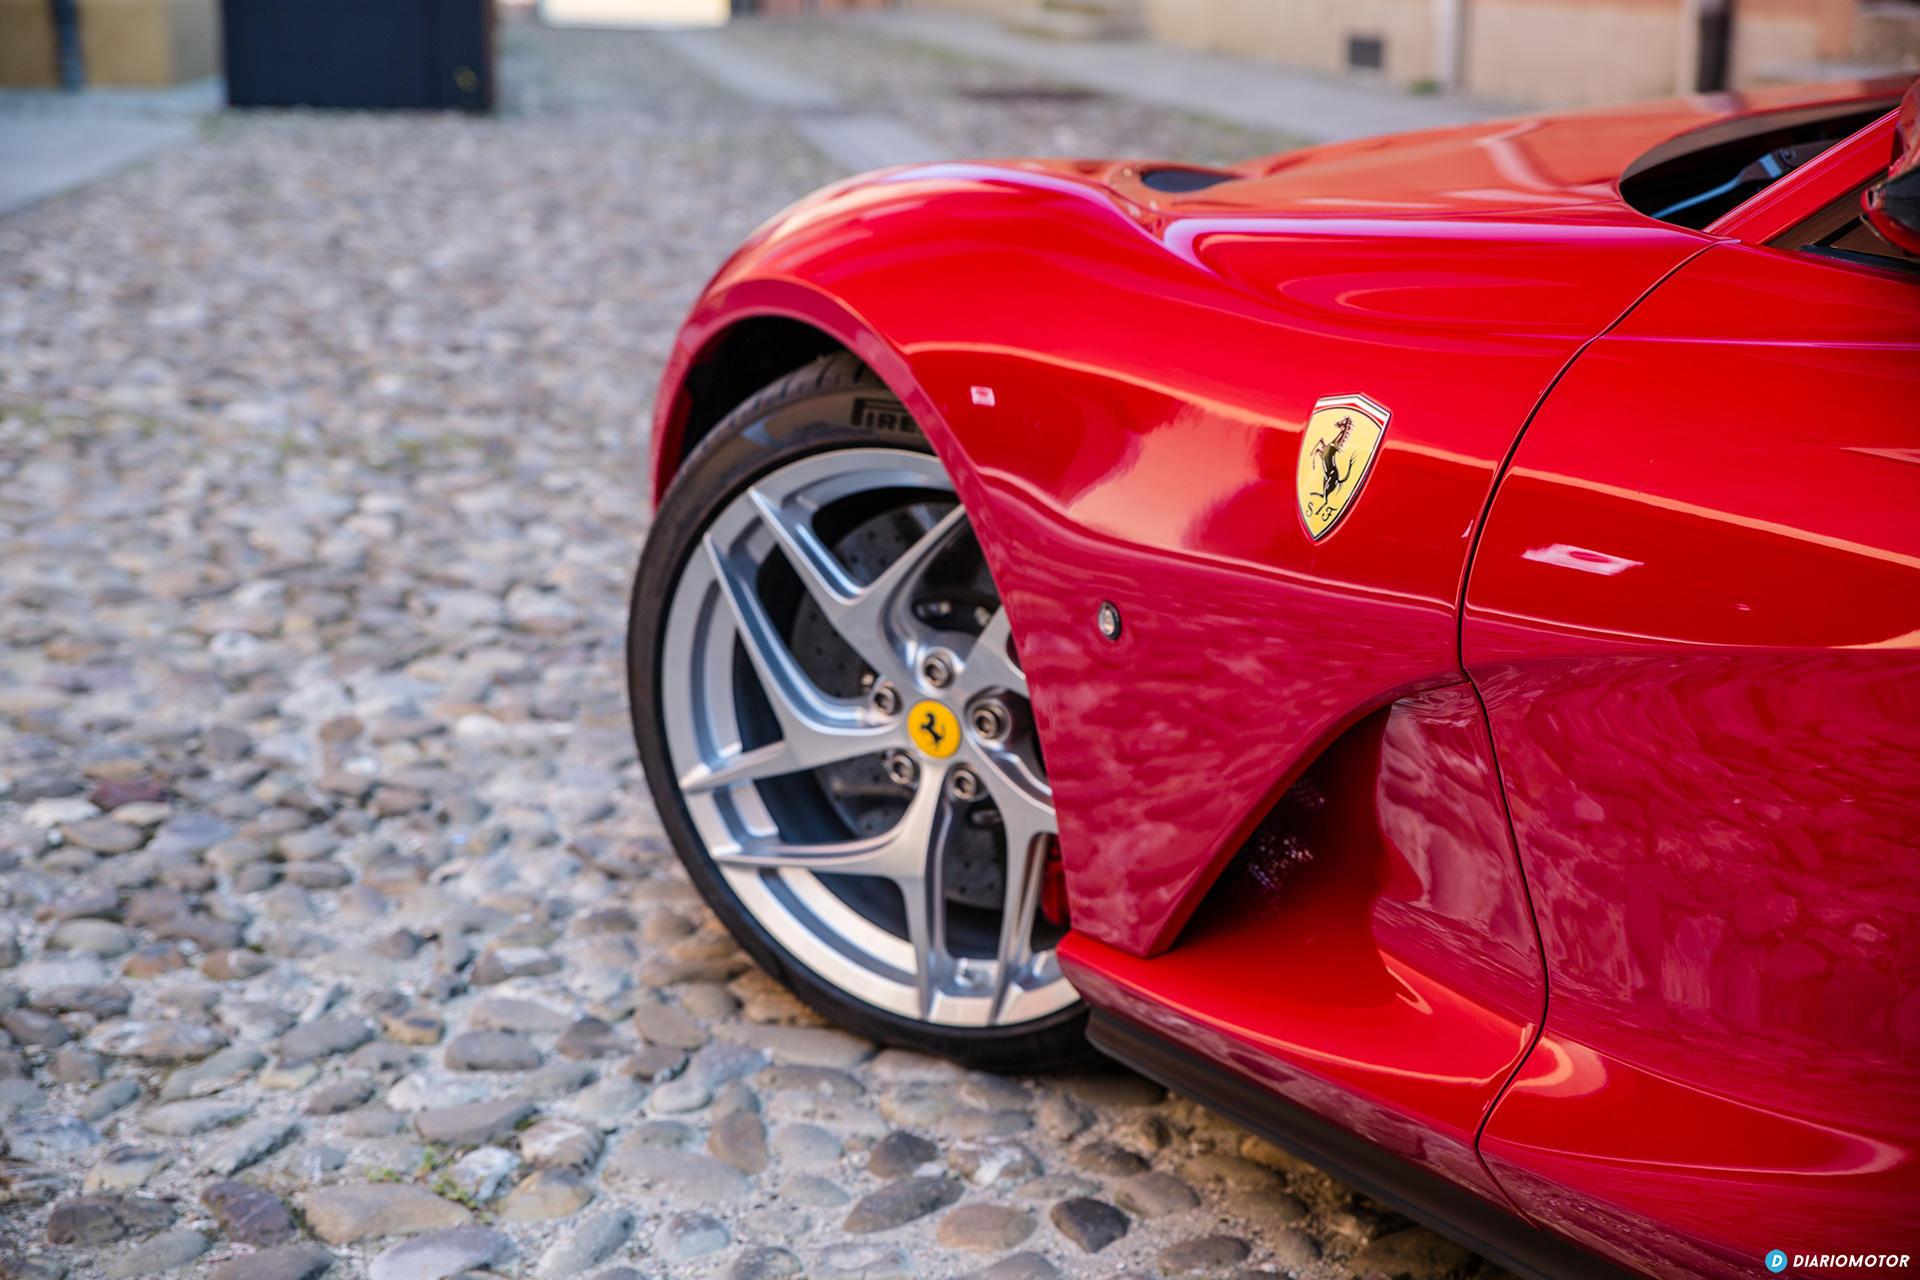 Ferrari 812 Superfast Exterior 00043